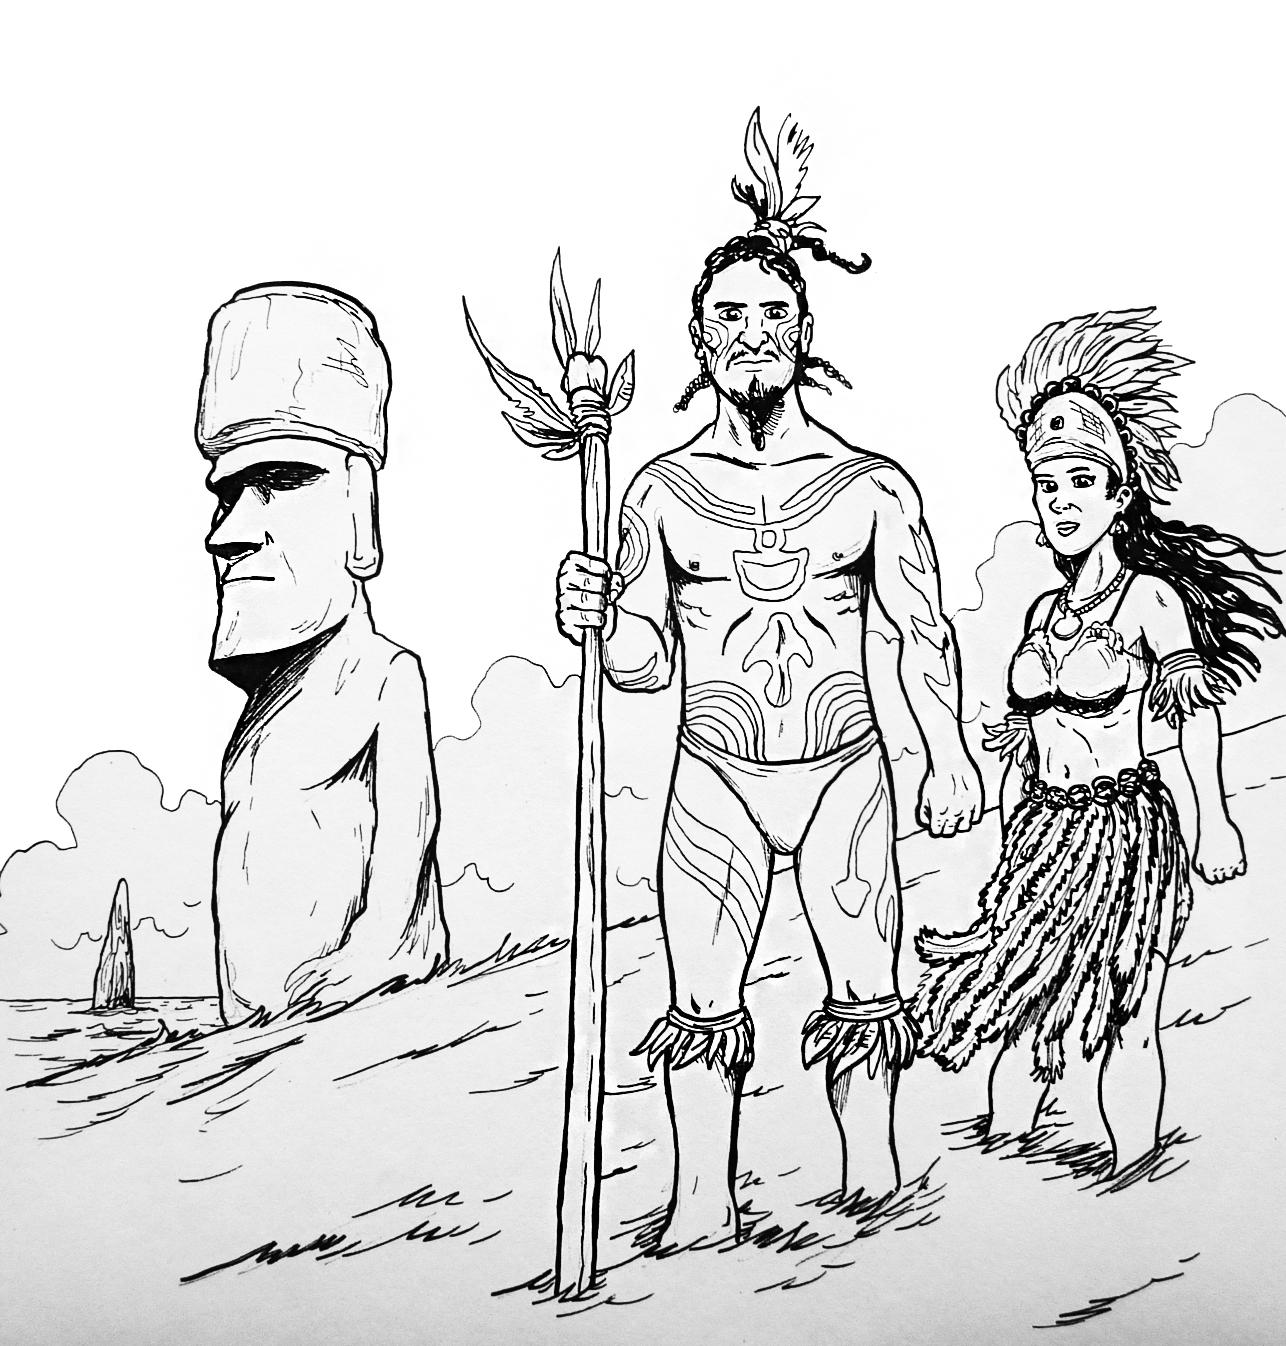 Rapa Nui - Currículum en línea. MINEDUC. Gobierno de Chile.